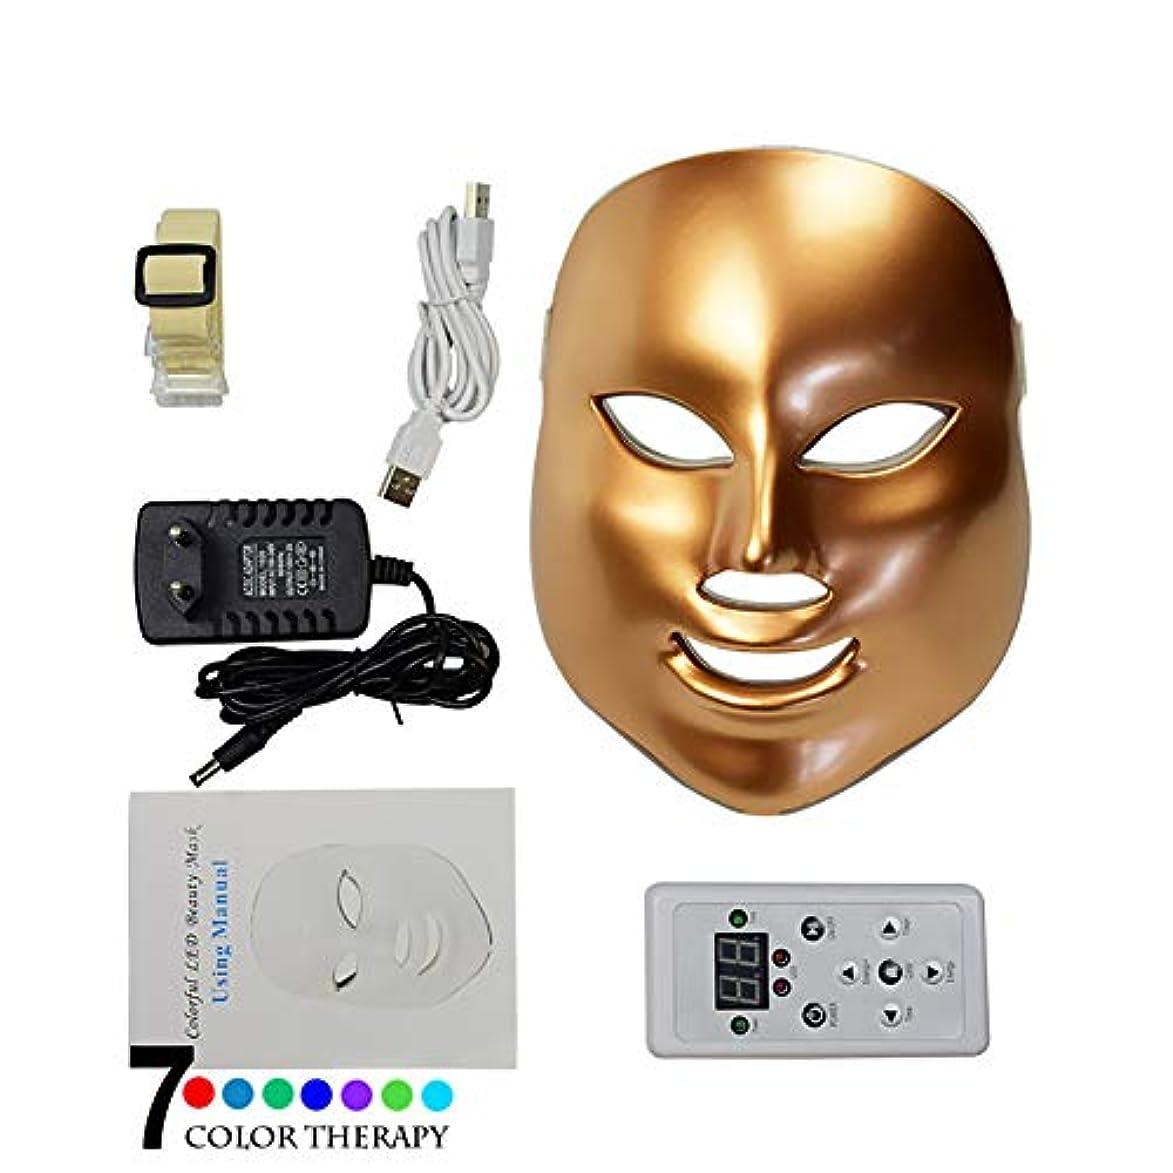 専門用語大胆なソース7色LEDフェイスマスク、7色LEDスキン光線療法器具、健康的な肌の若返りのためのレッドライトセラピー、アンチエイジング、しわ、瘢痕化,Gold